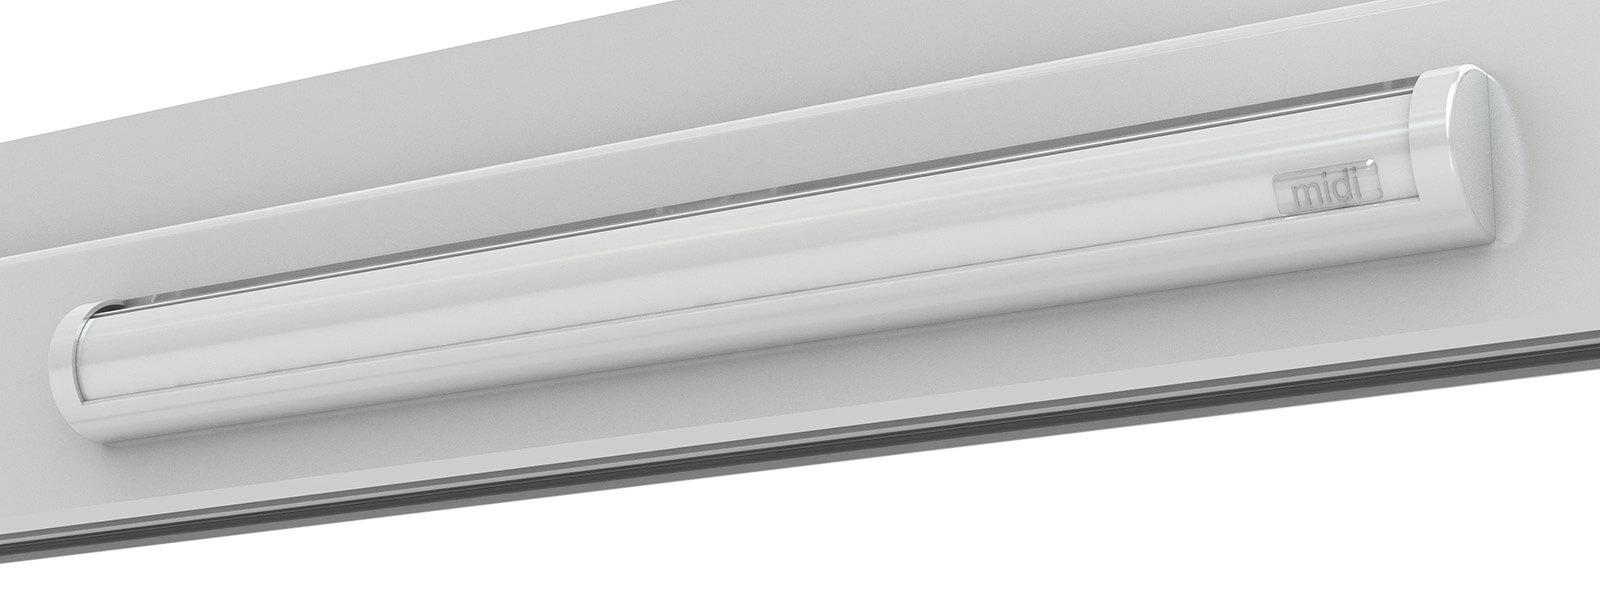 Full Size of Fenster Mit Lüftung Aeromat Midi Aron Sichtschutzfolien Für Gitter Einbruchschutz Betten Schubladen Esstisch Stühlen Verdunkeln Pvc Küche Kaufen Fenster Fenster Mit Lüftung